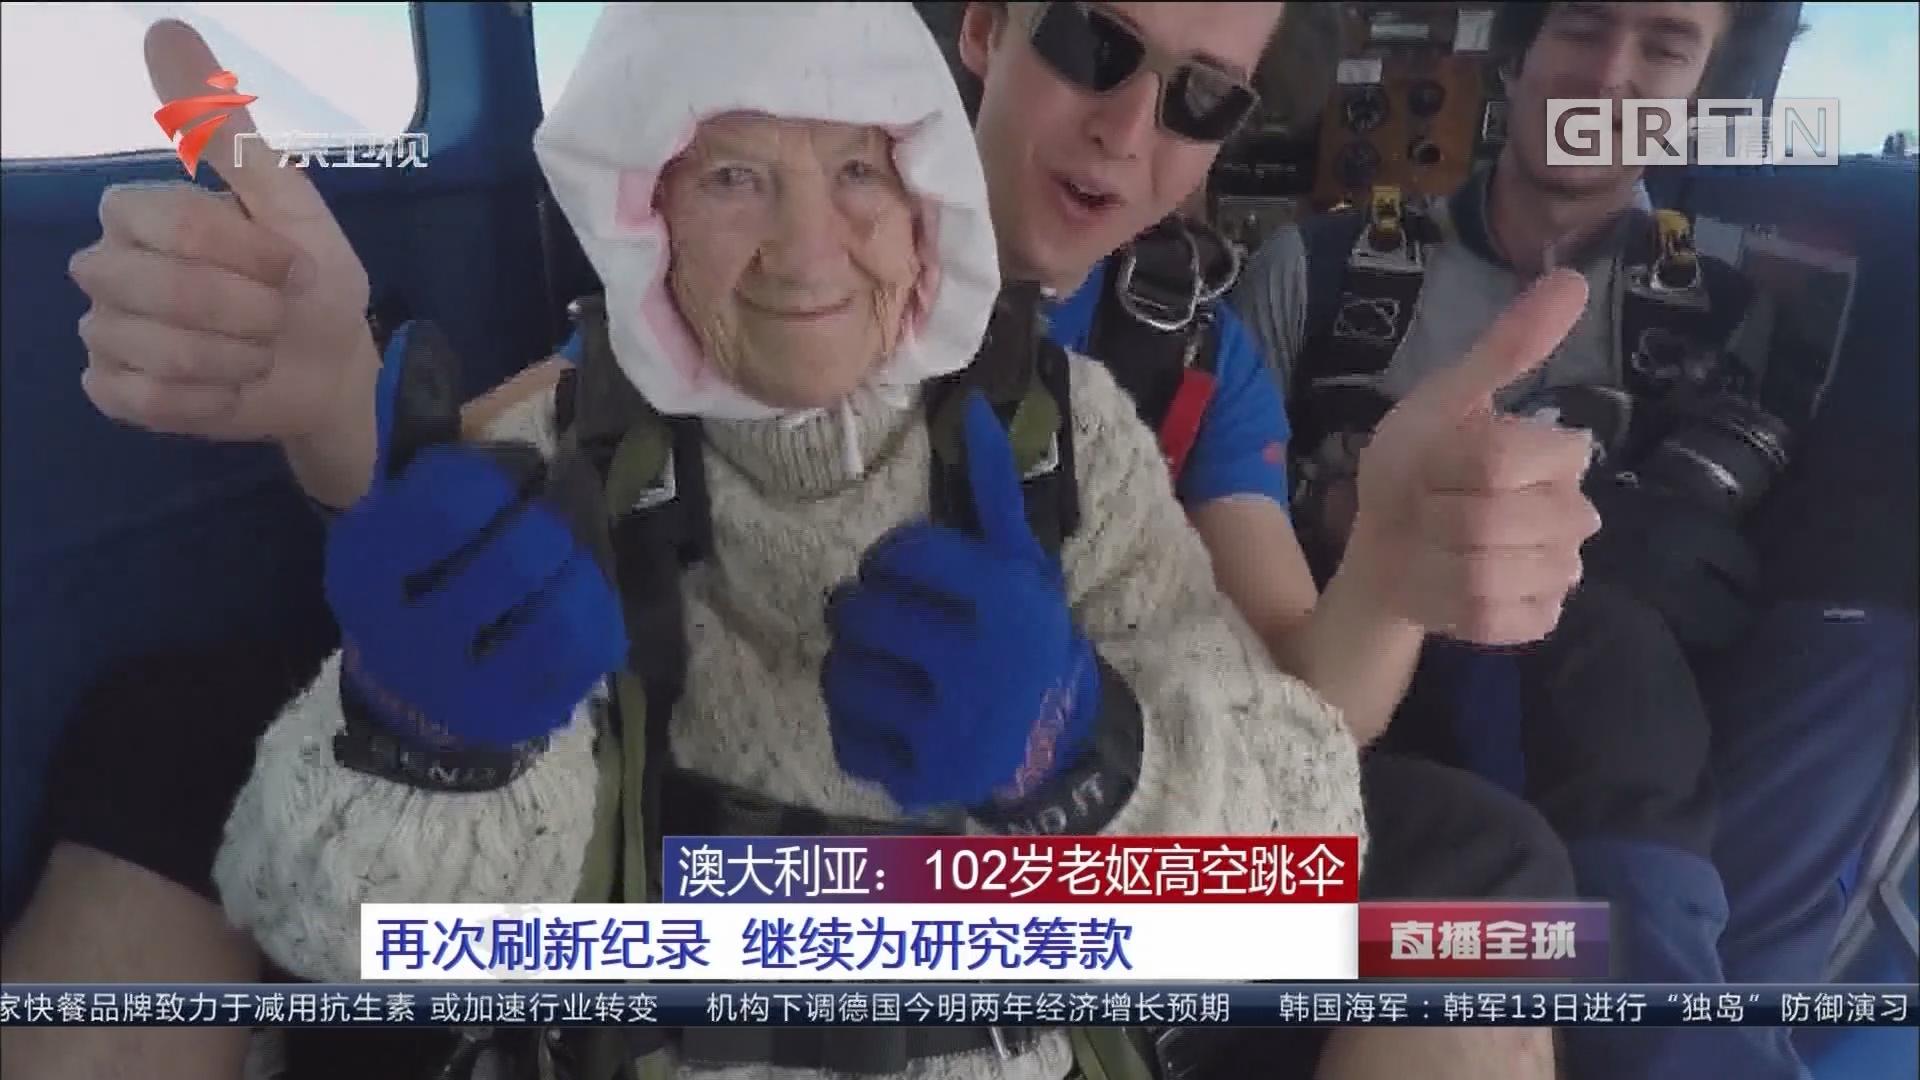 澳大利亚:102岁老妪高空跳伞 再次刷新纪录 继续为研究筹款